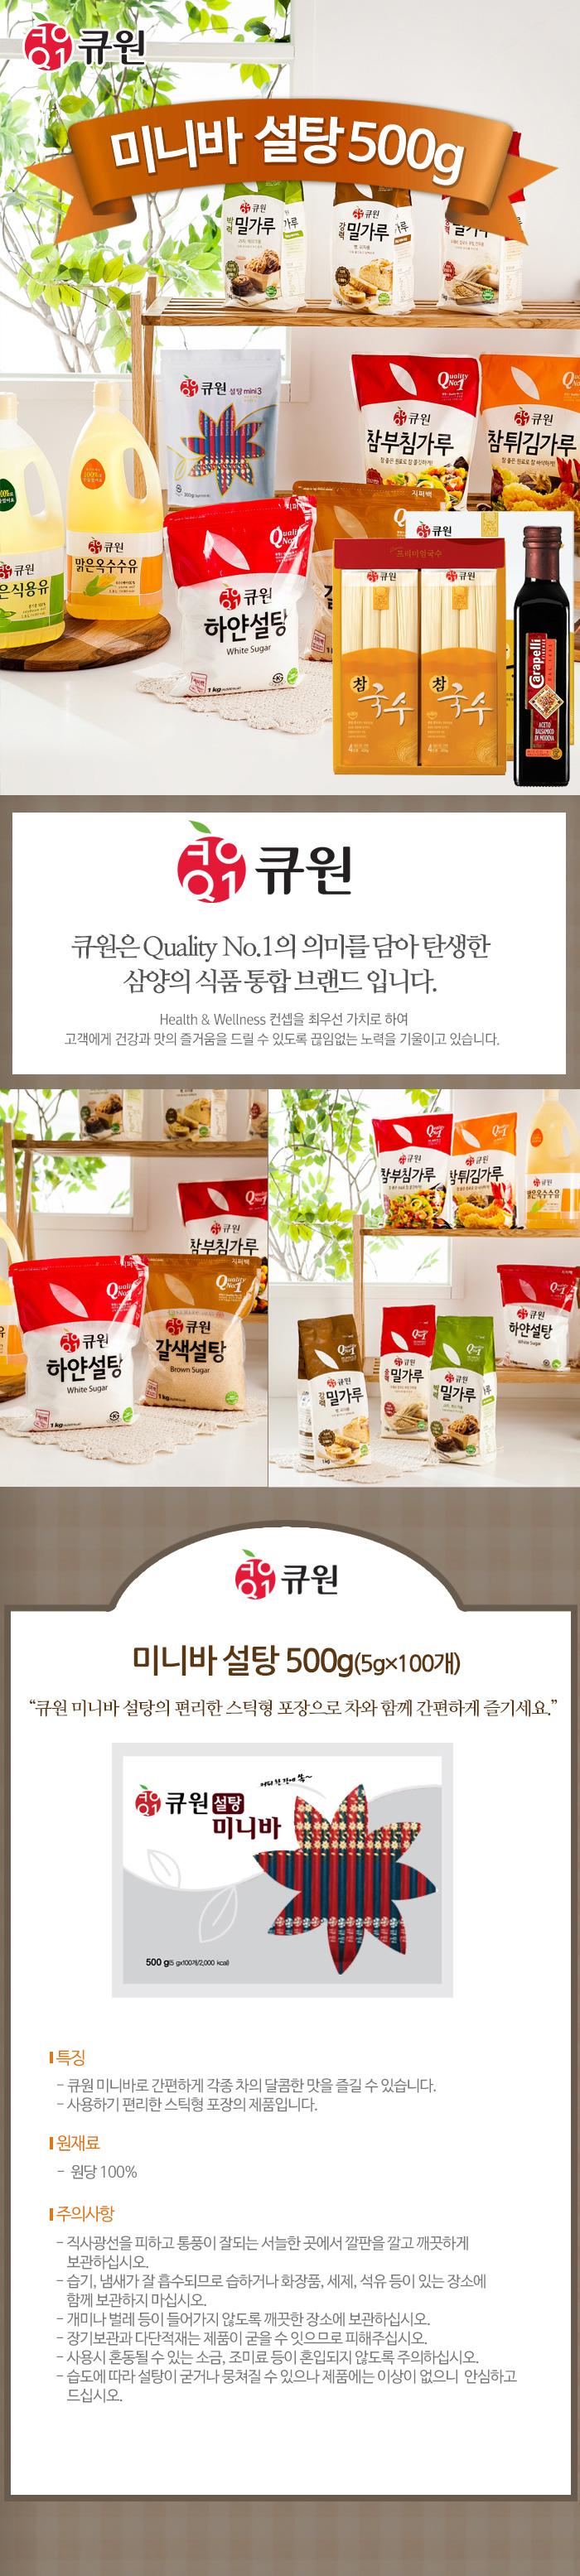 큐원 미니바 설탕 500g(5g*100개) - 레드비, 2,200원, 음료/주스/생수, 탄산음료